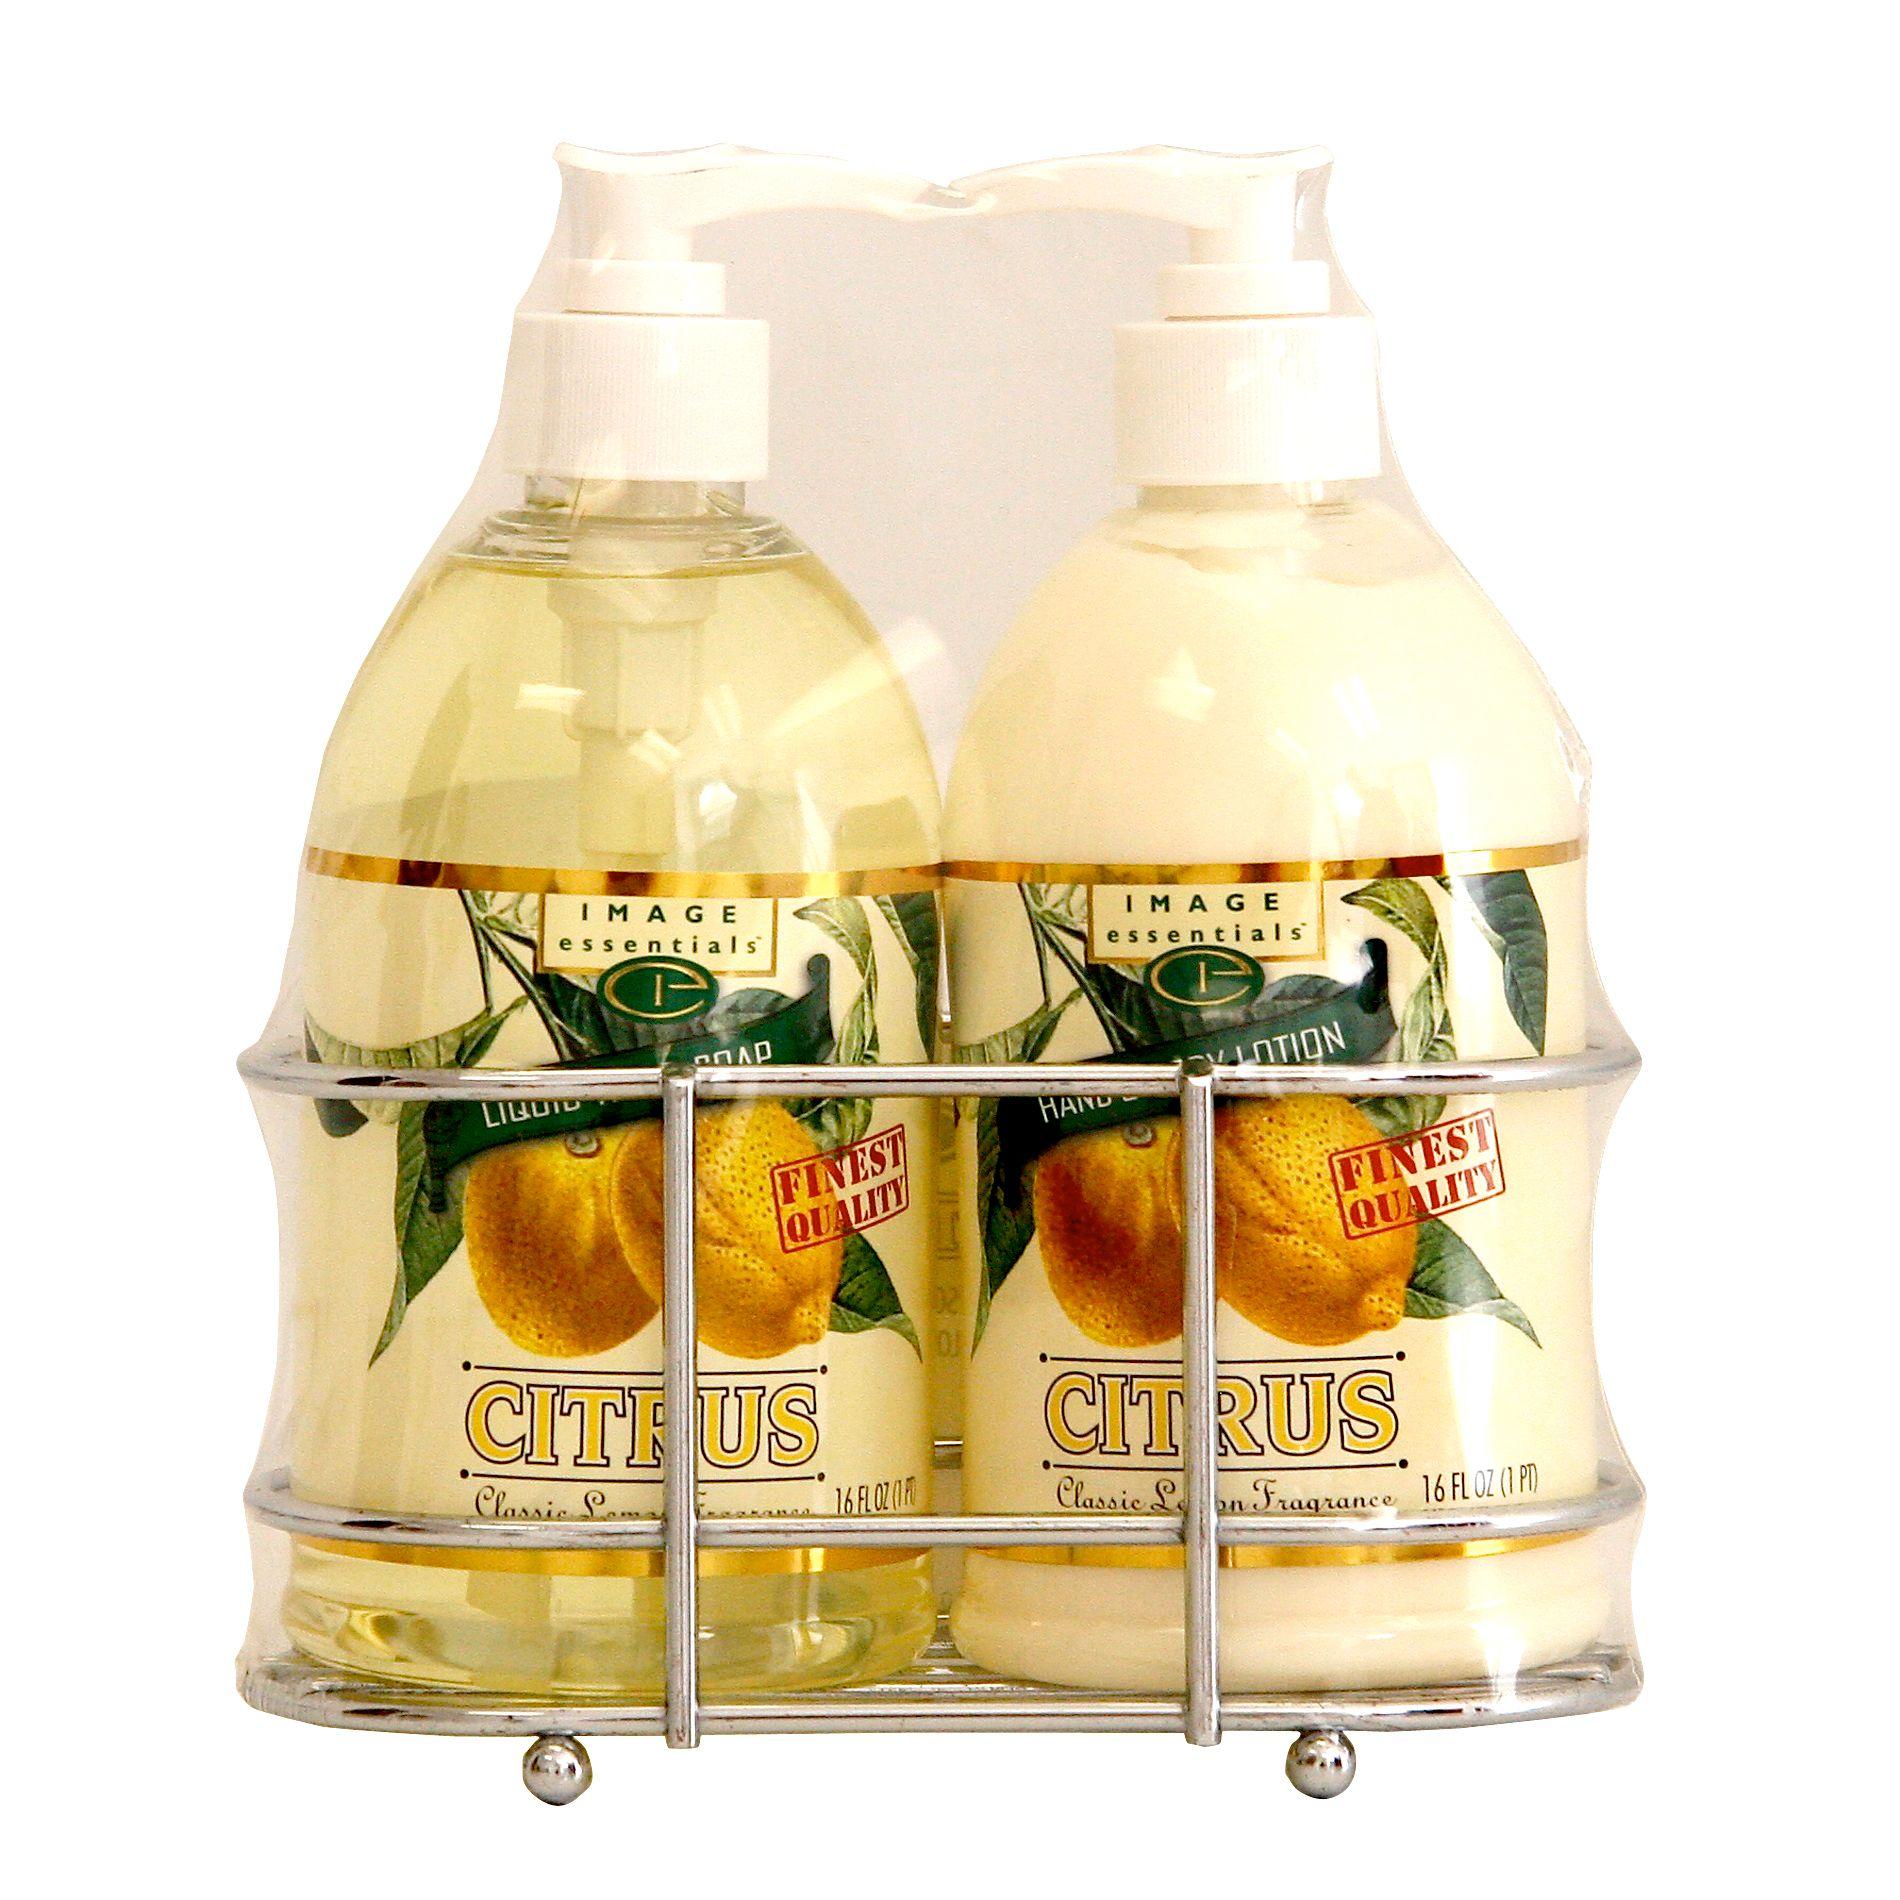 Image Essentials Citrus Liquid Soap & Lotion Wire Rack Set Classic Lemon 16 Ounce Bottles at mygofer.com